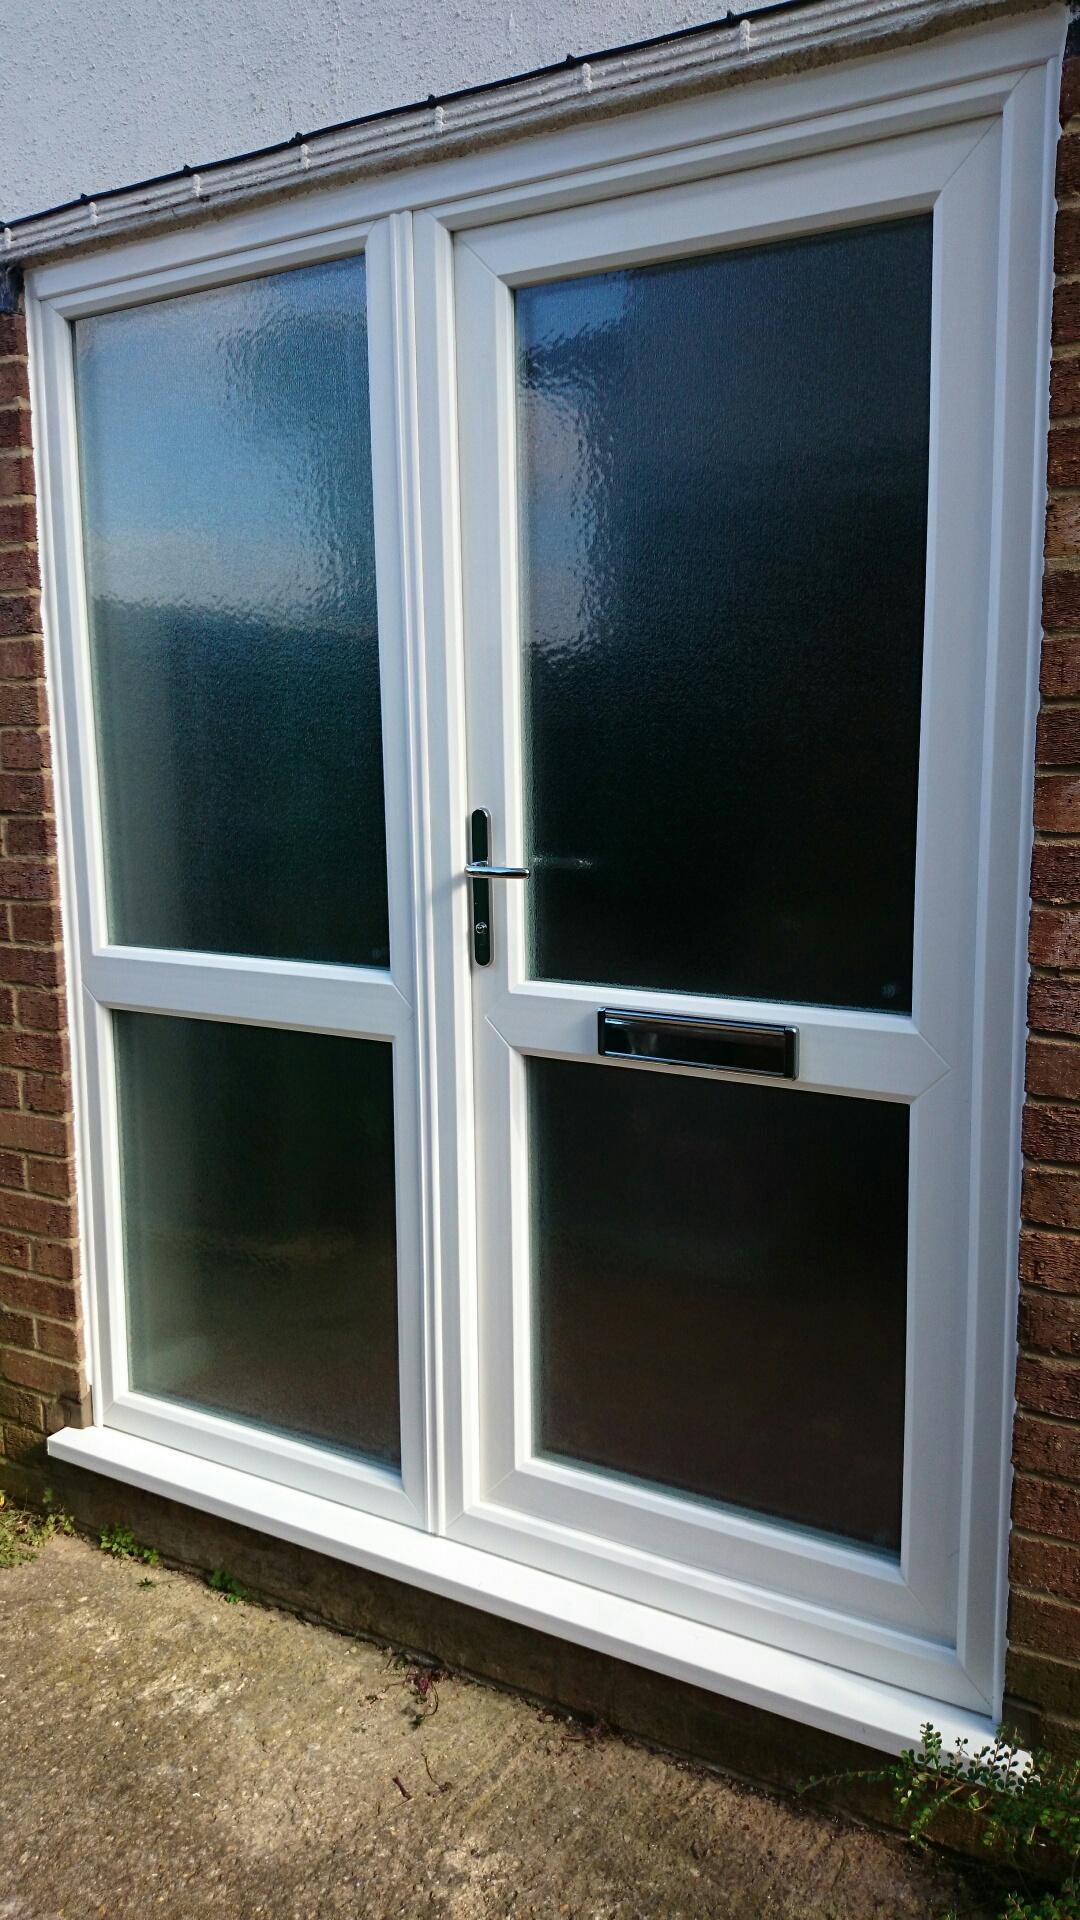 Replacement windows doors d c cocksedge for Door window replacement